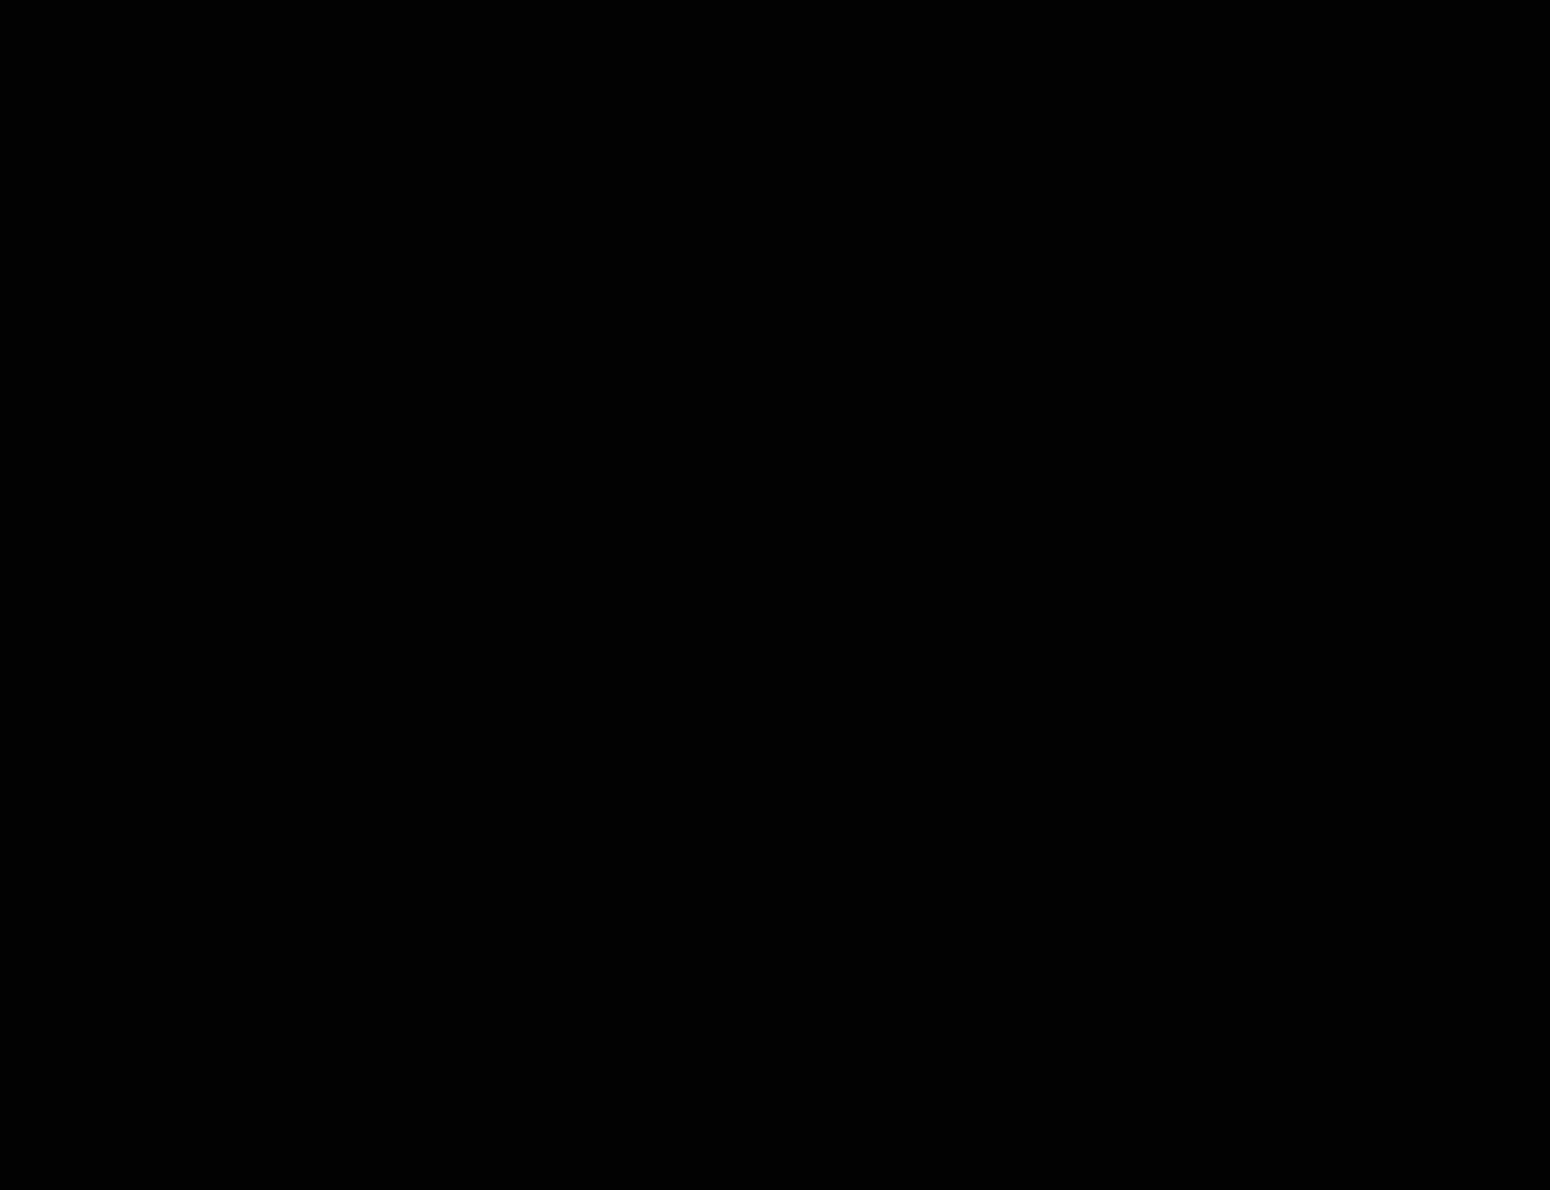 bg noir